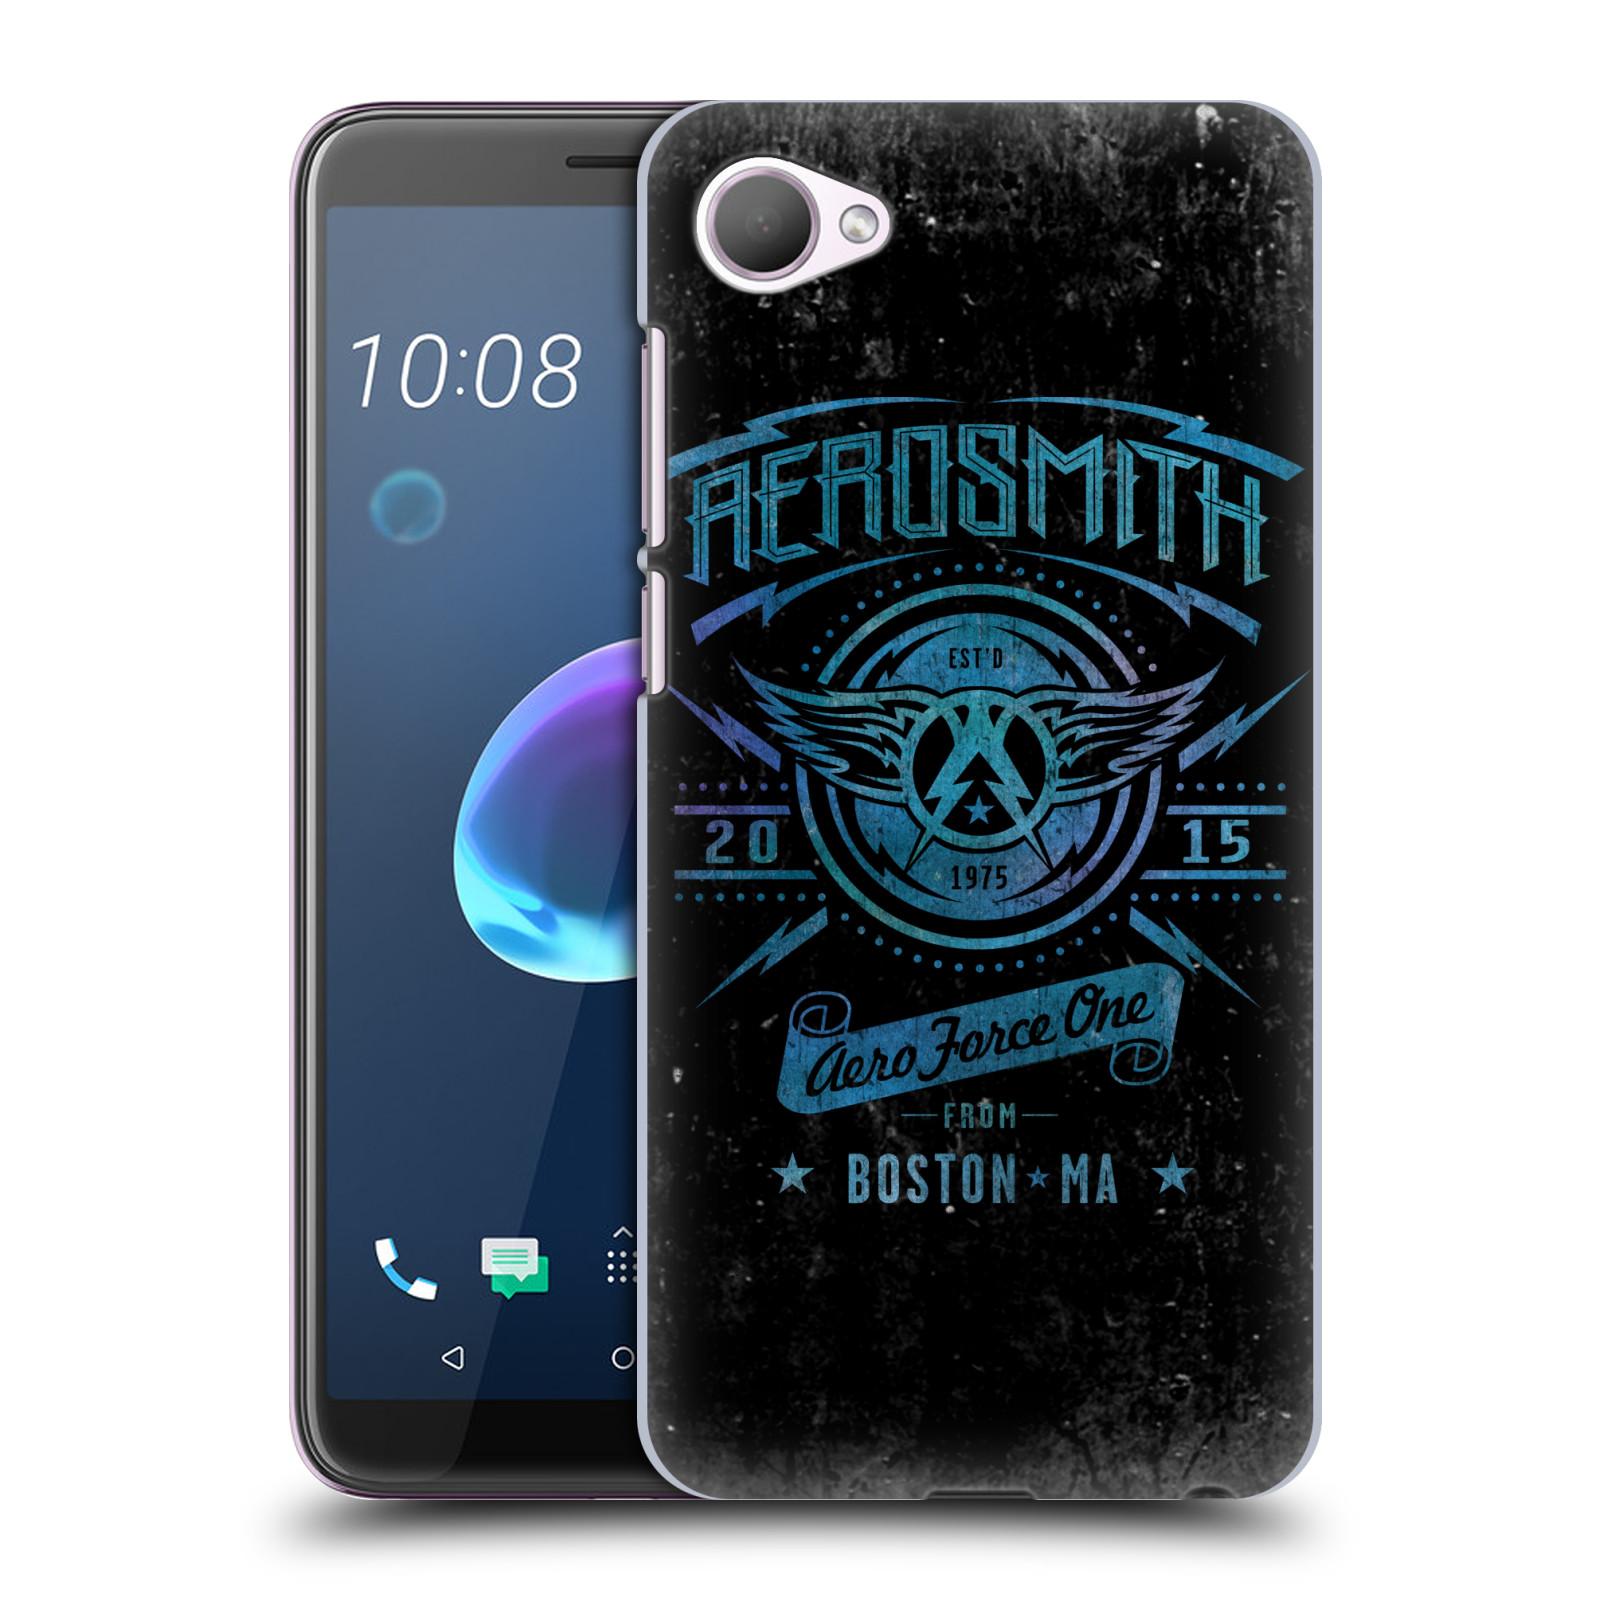 Plastové pouzdro na mobil HTC Desire 12 - Head Case - Aerosmith - Aero Force One